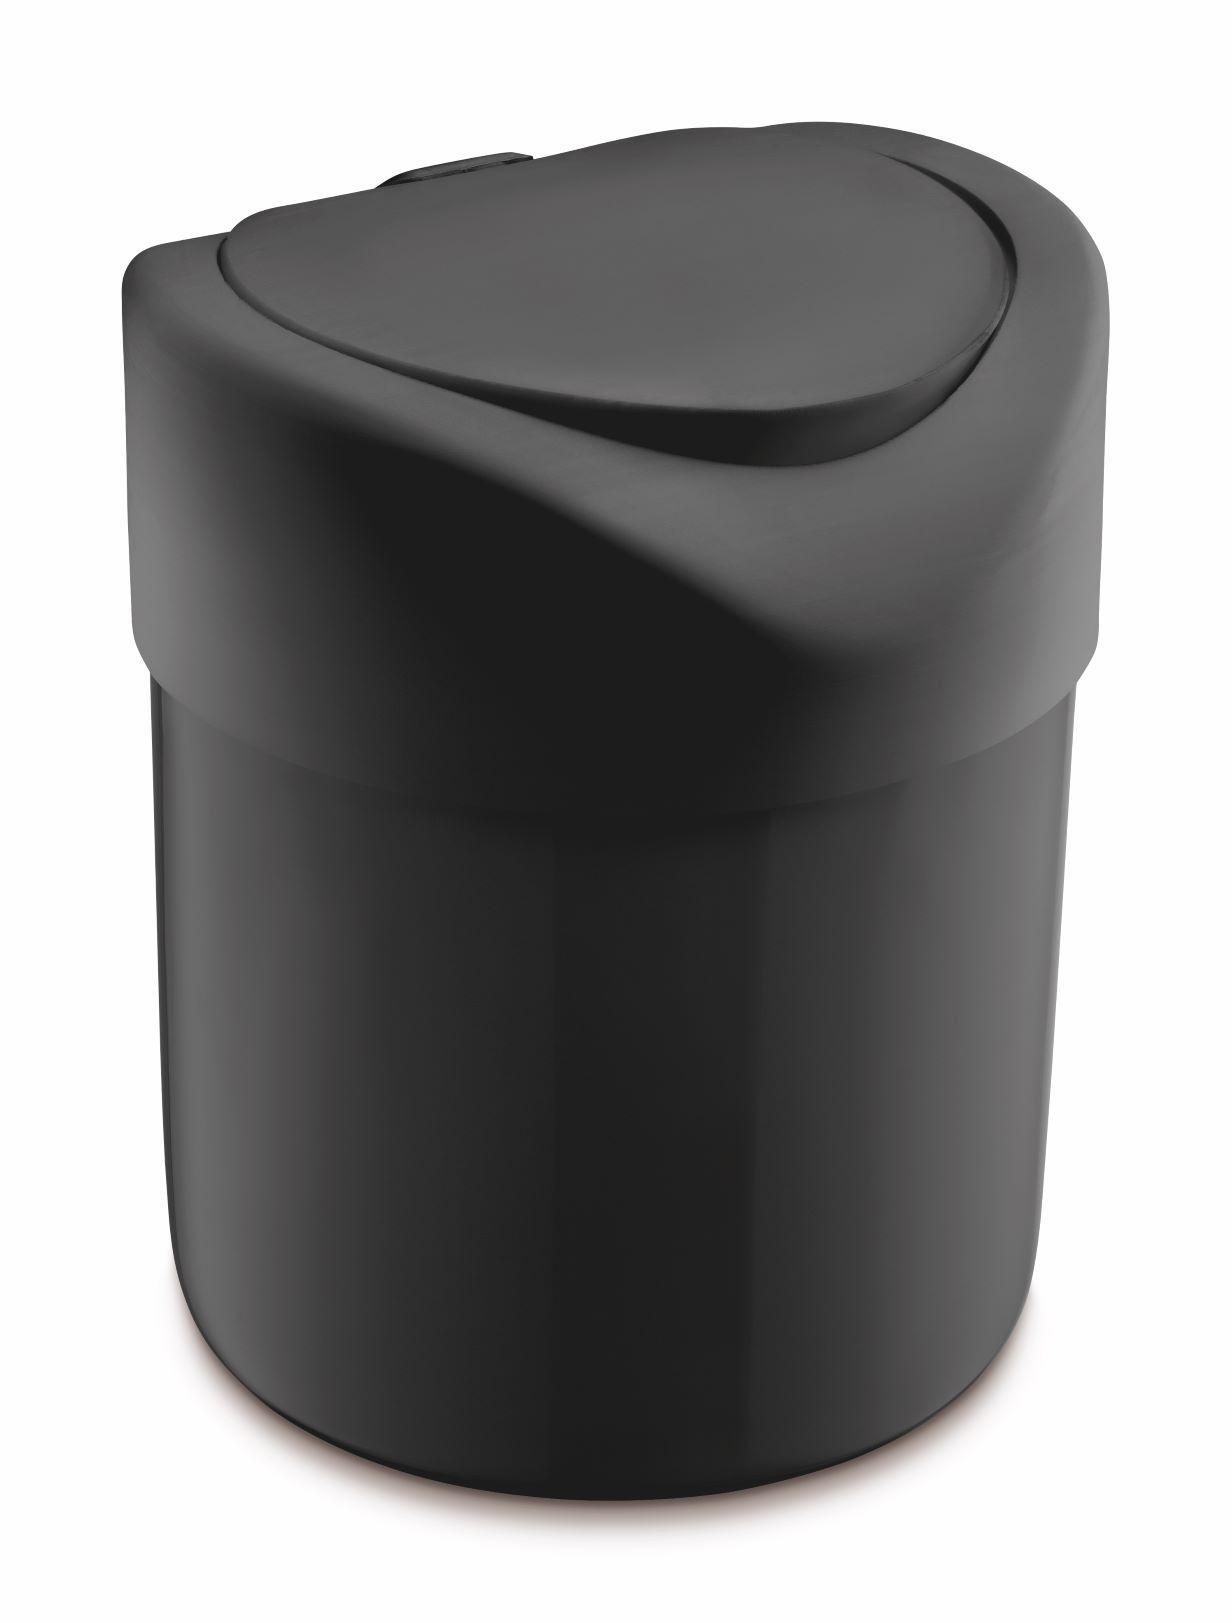 Lixeira Para Pia Plástico Premium 4 Litros  UZ Preto